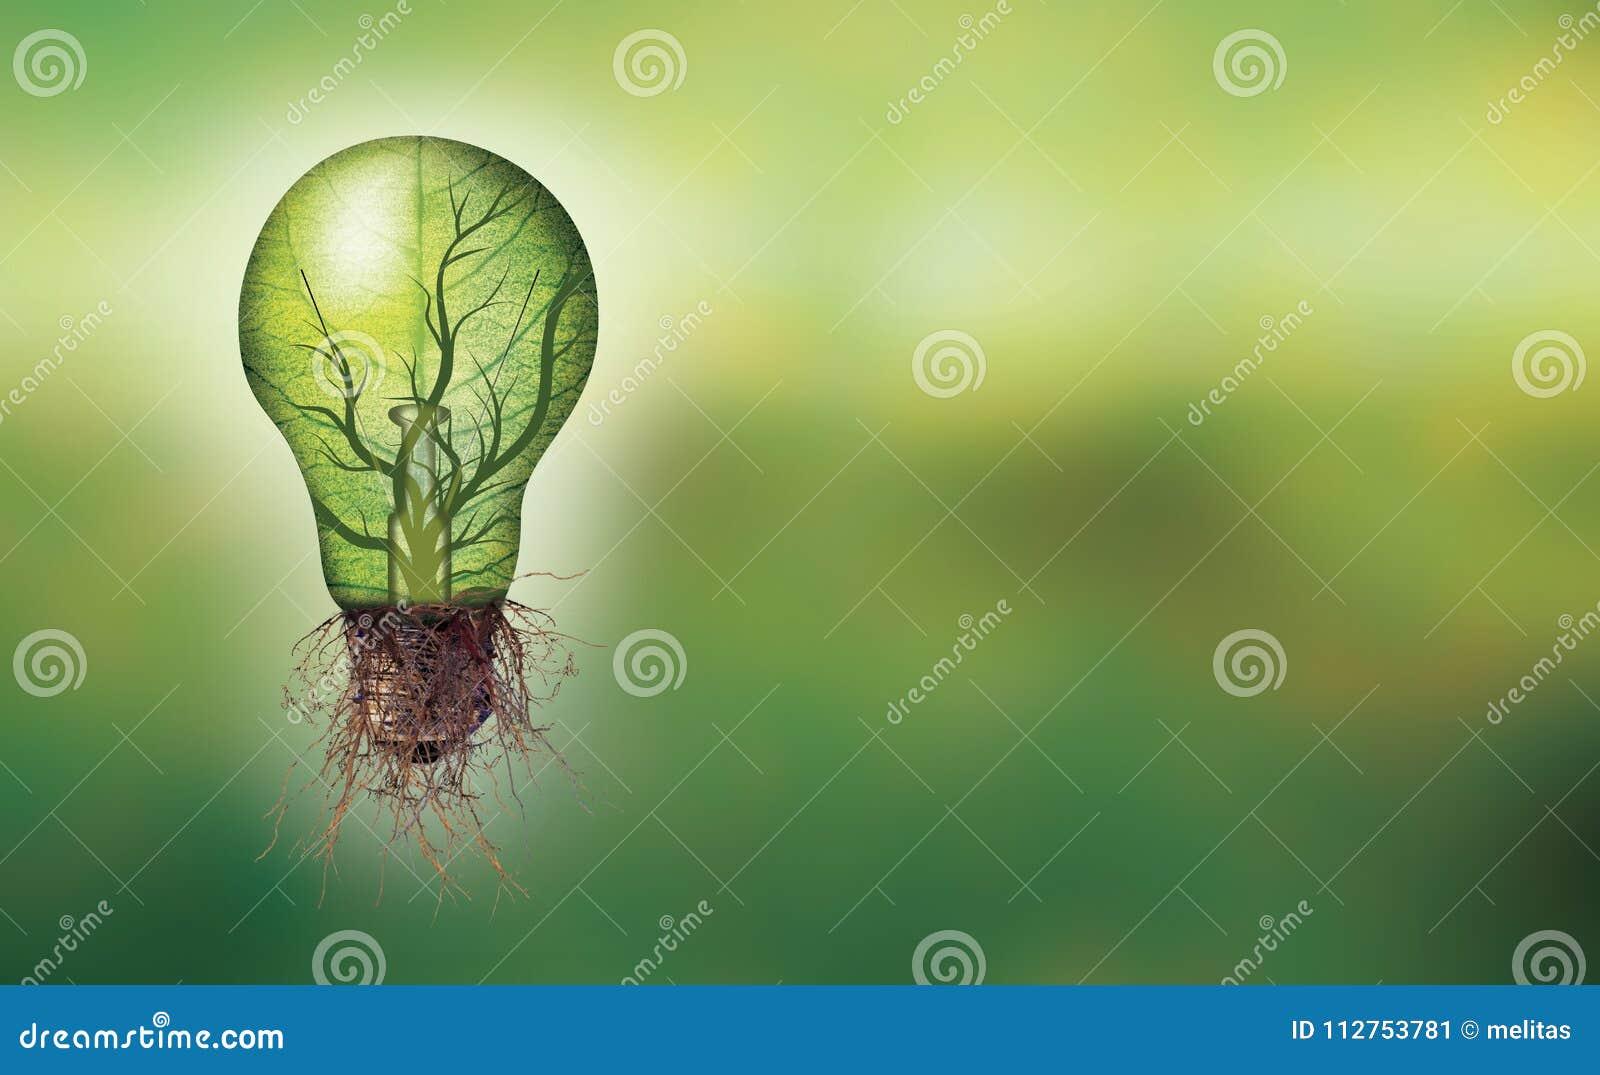 Concepto de la energía renovable de la bandera - bombilla de Eco con la hoja y ramas interiores y raíces